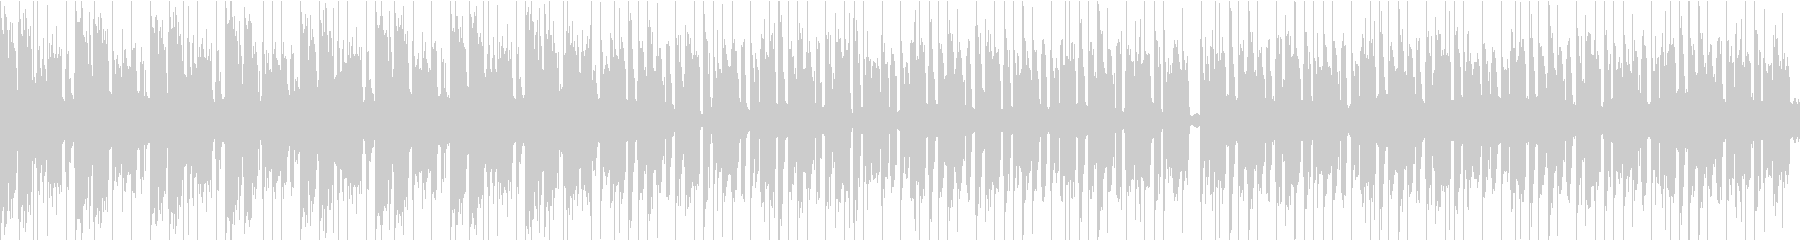 おまぬけコミカル/ループ/イントロ16秒の未再生の波形